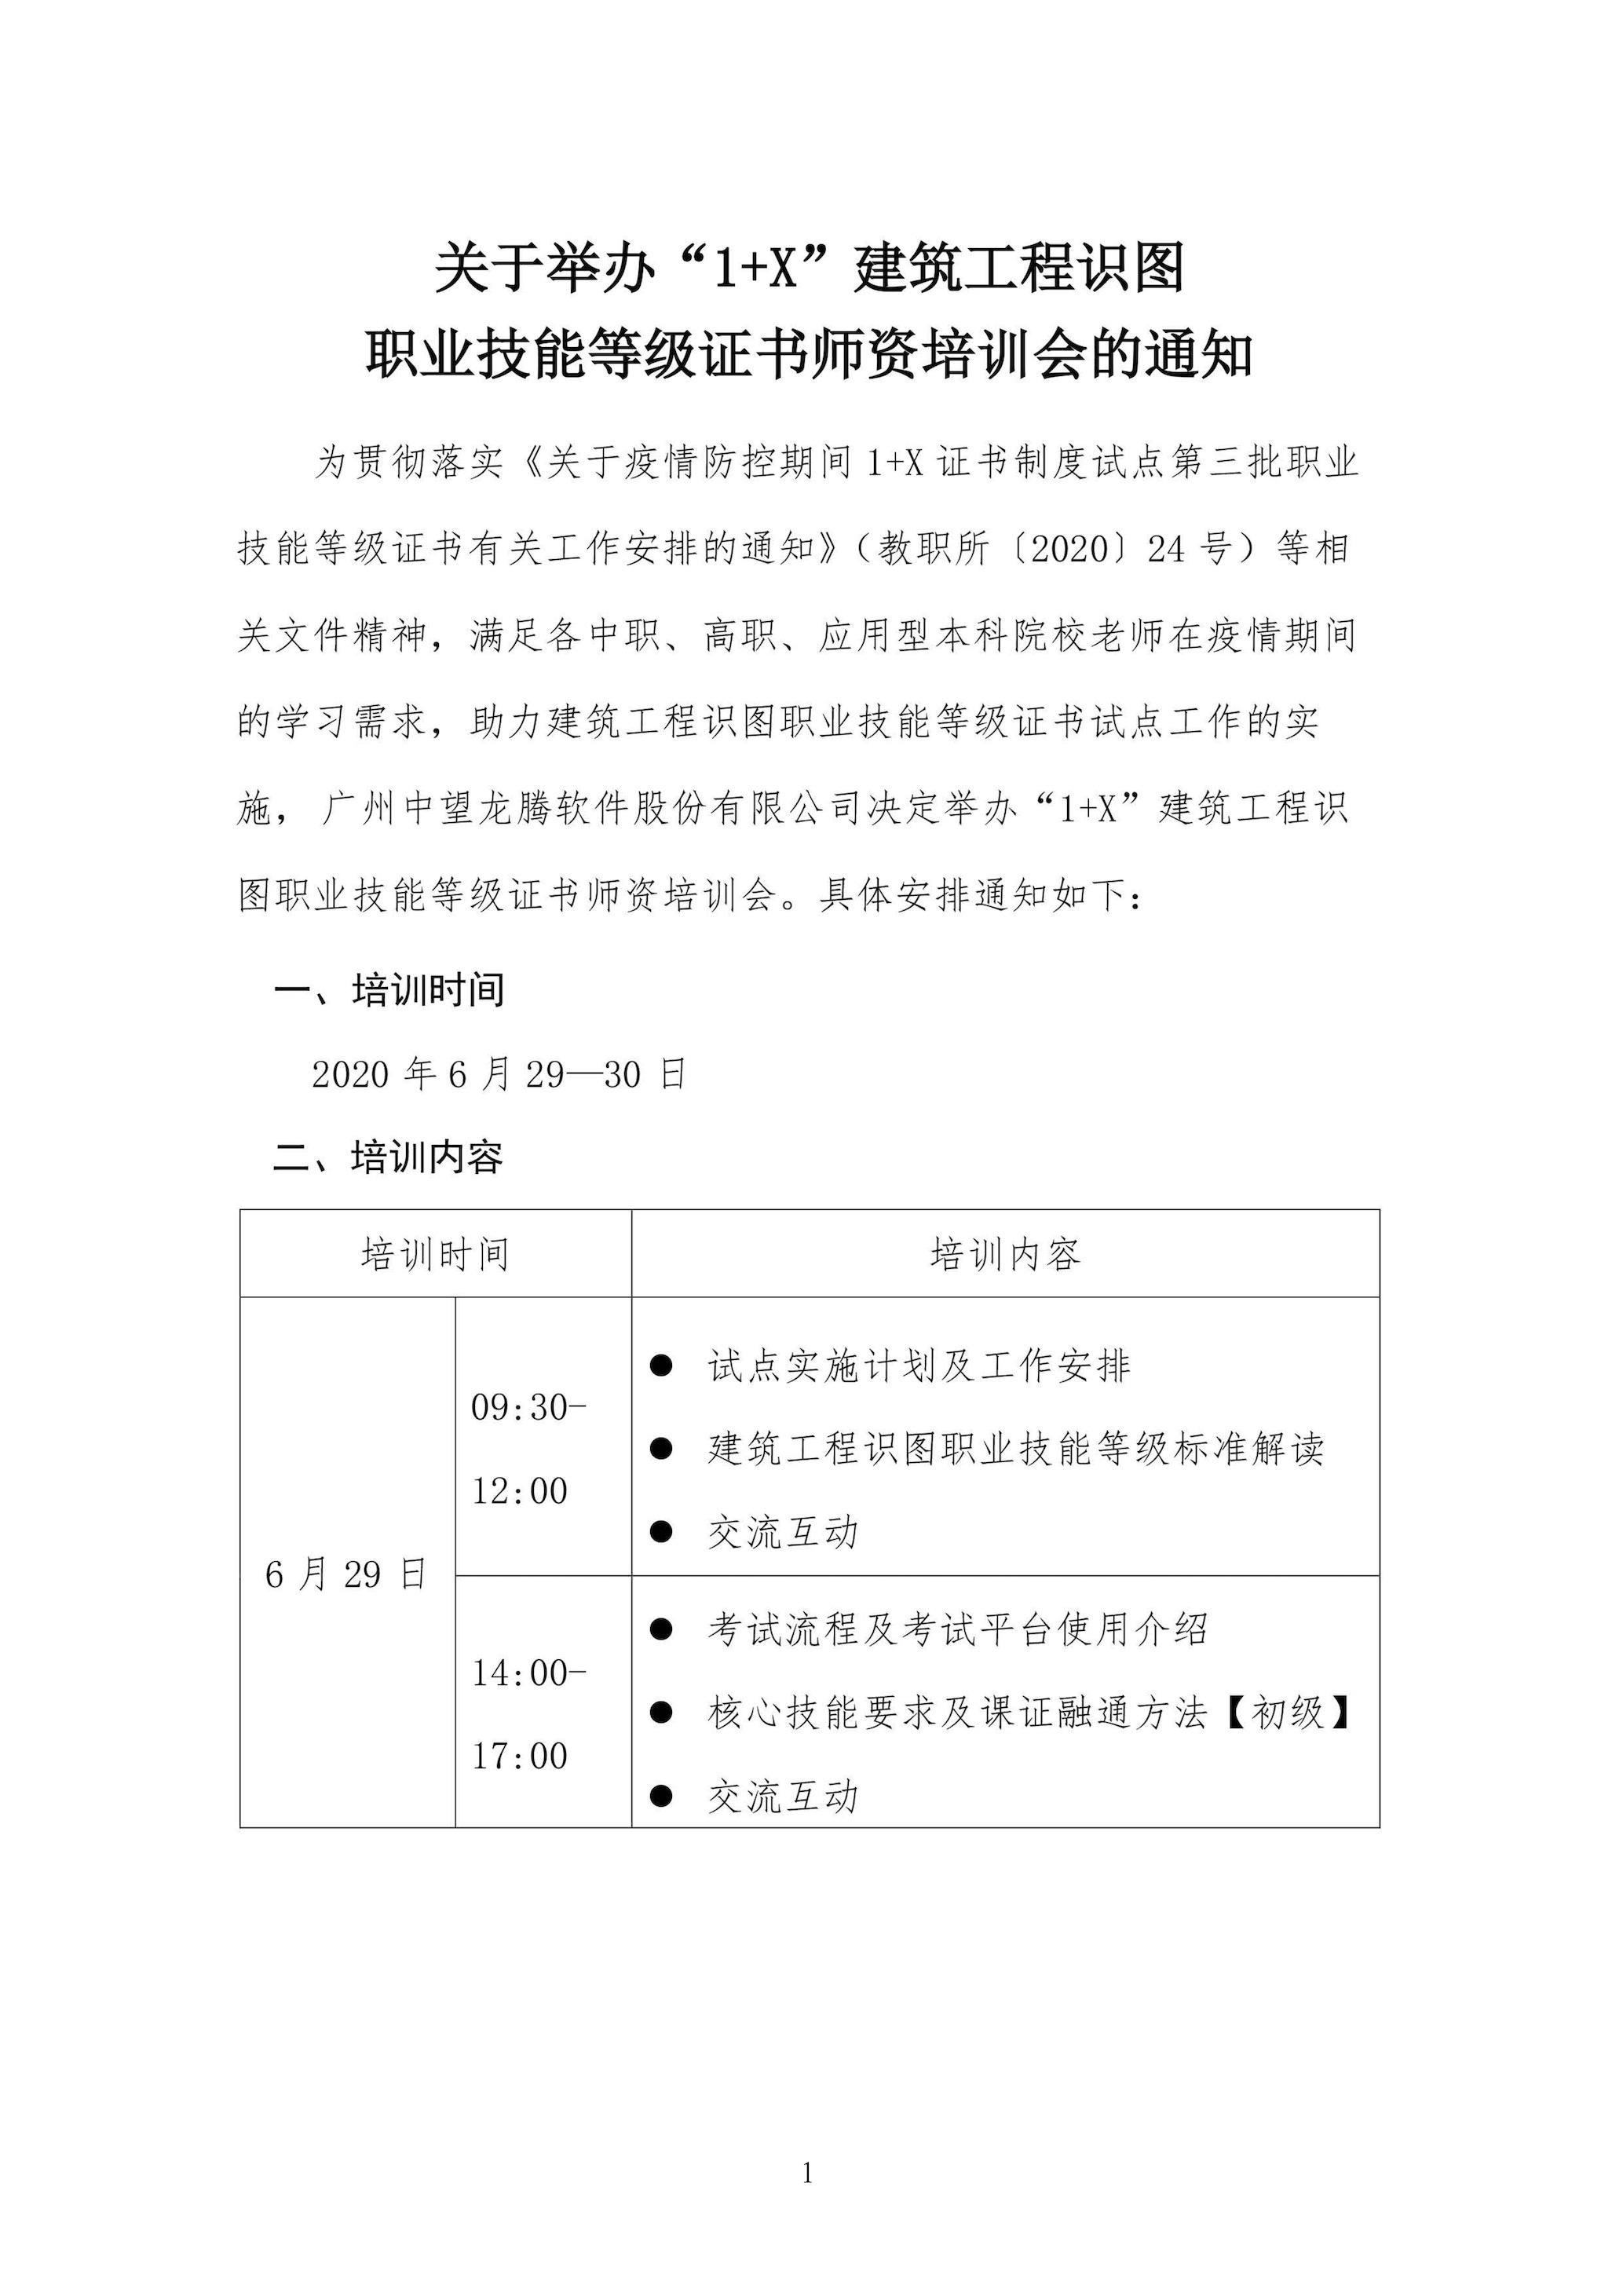 1-(1).jpg